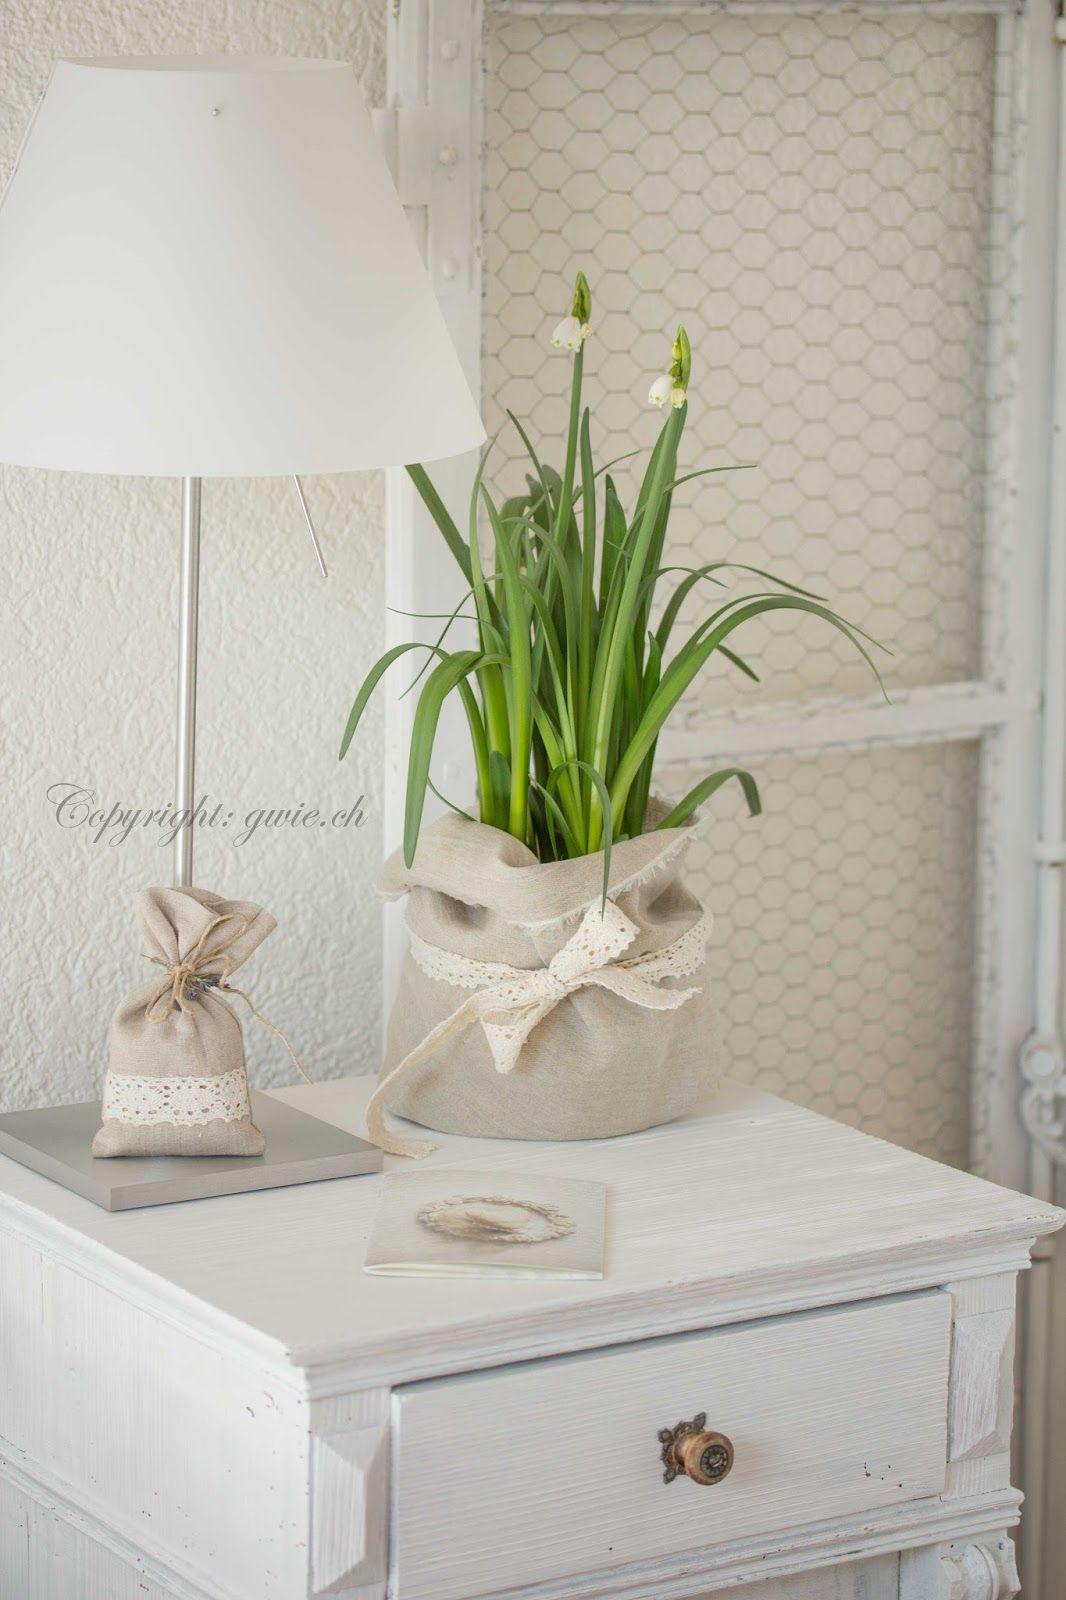 g wie m rzengl ckchen und einen blick auf meinen. Black Bedroom Furniture Sets. Home Design Ideas